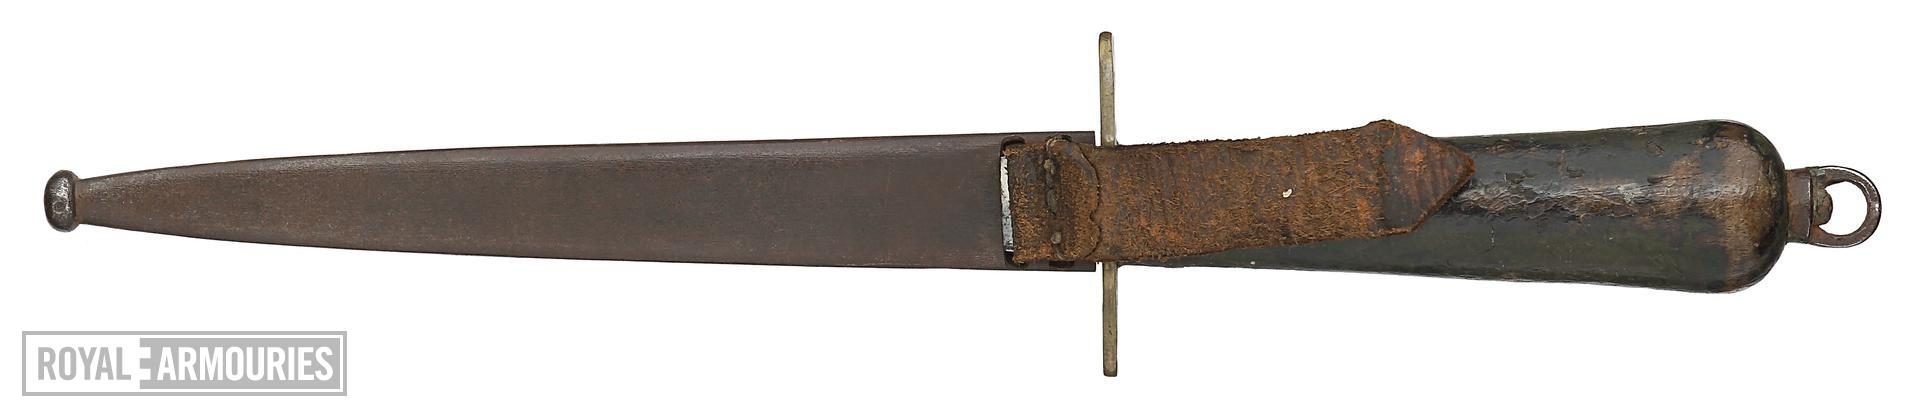 Modèle 1833 Naval Boarding Knife and sheath